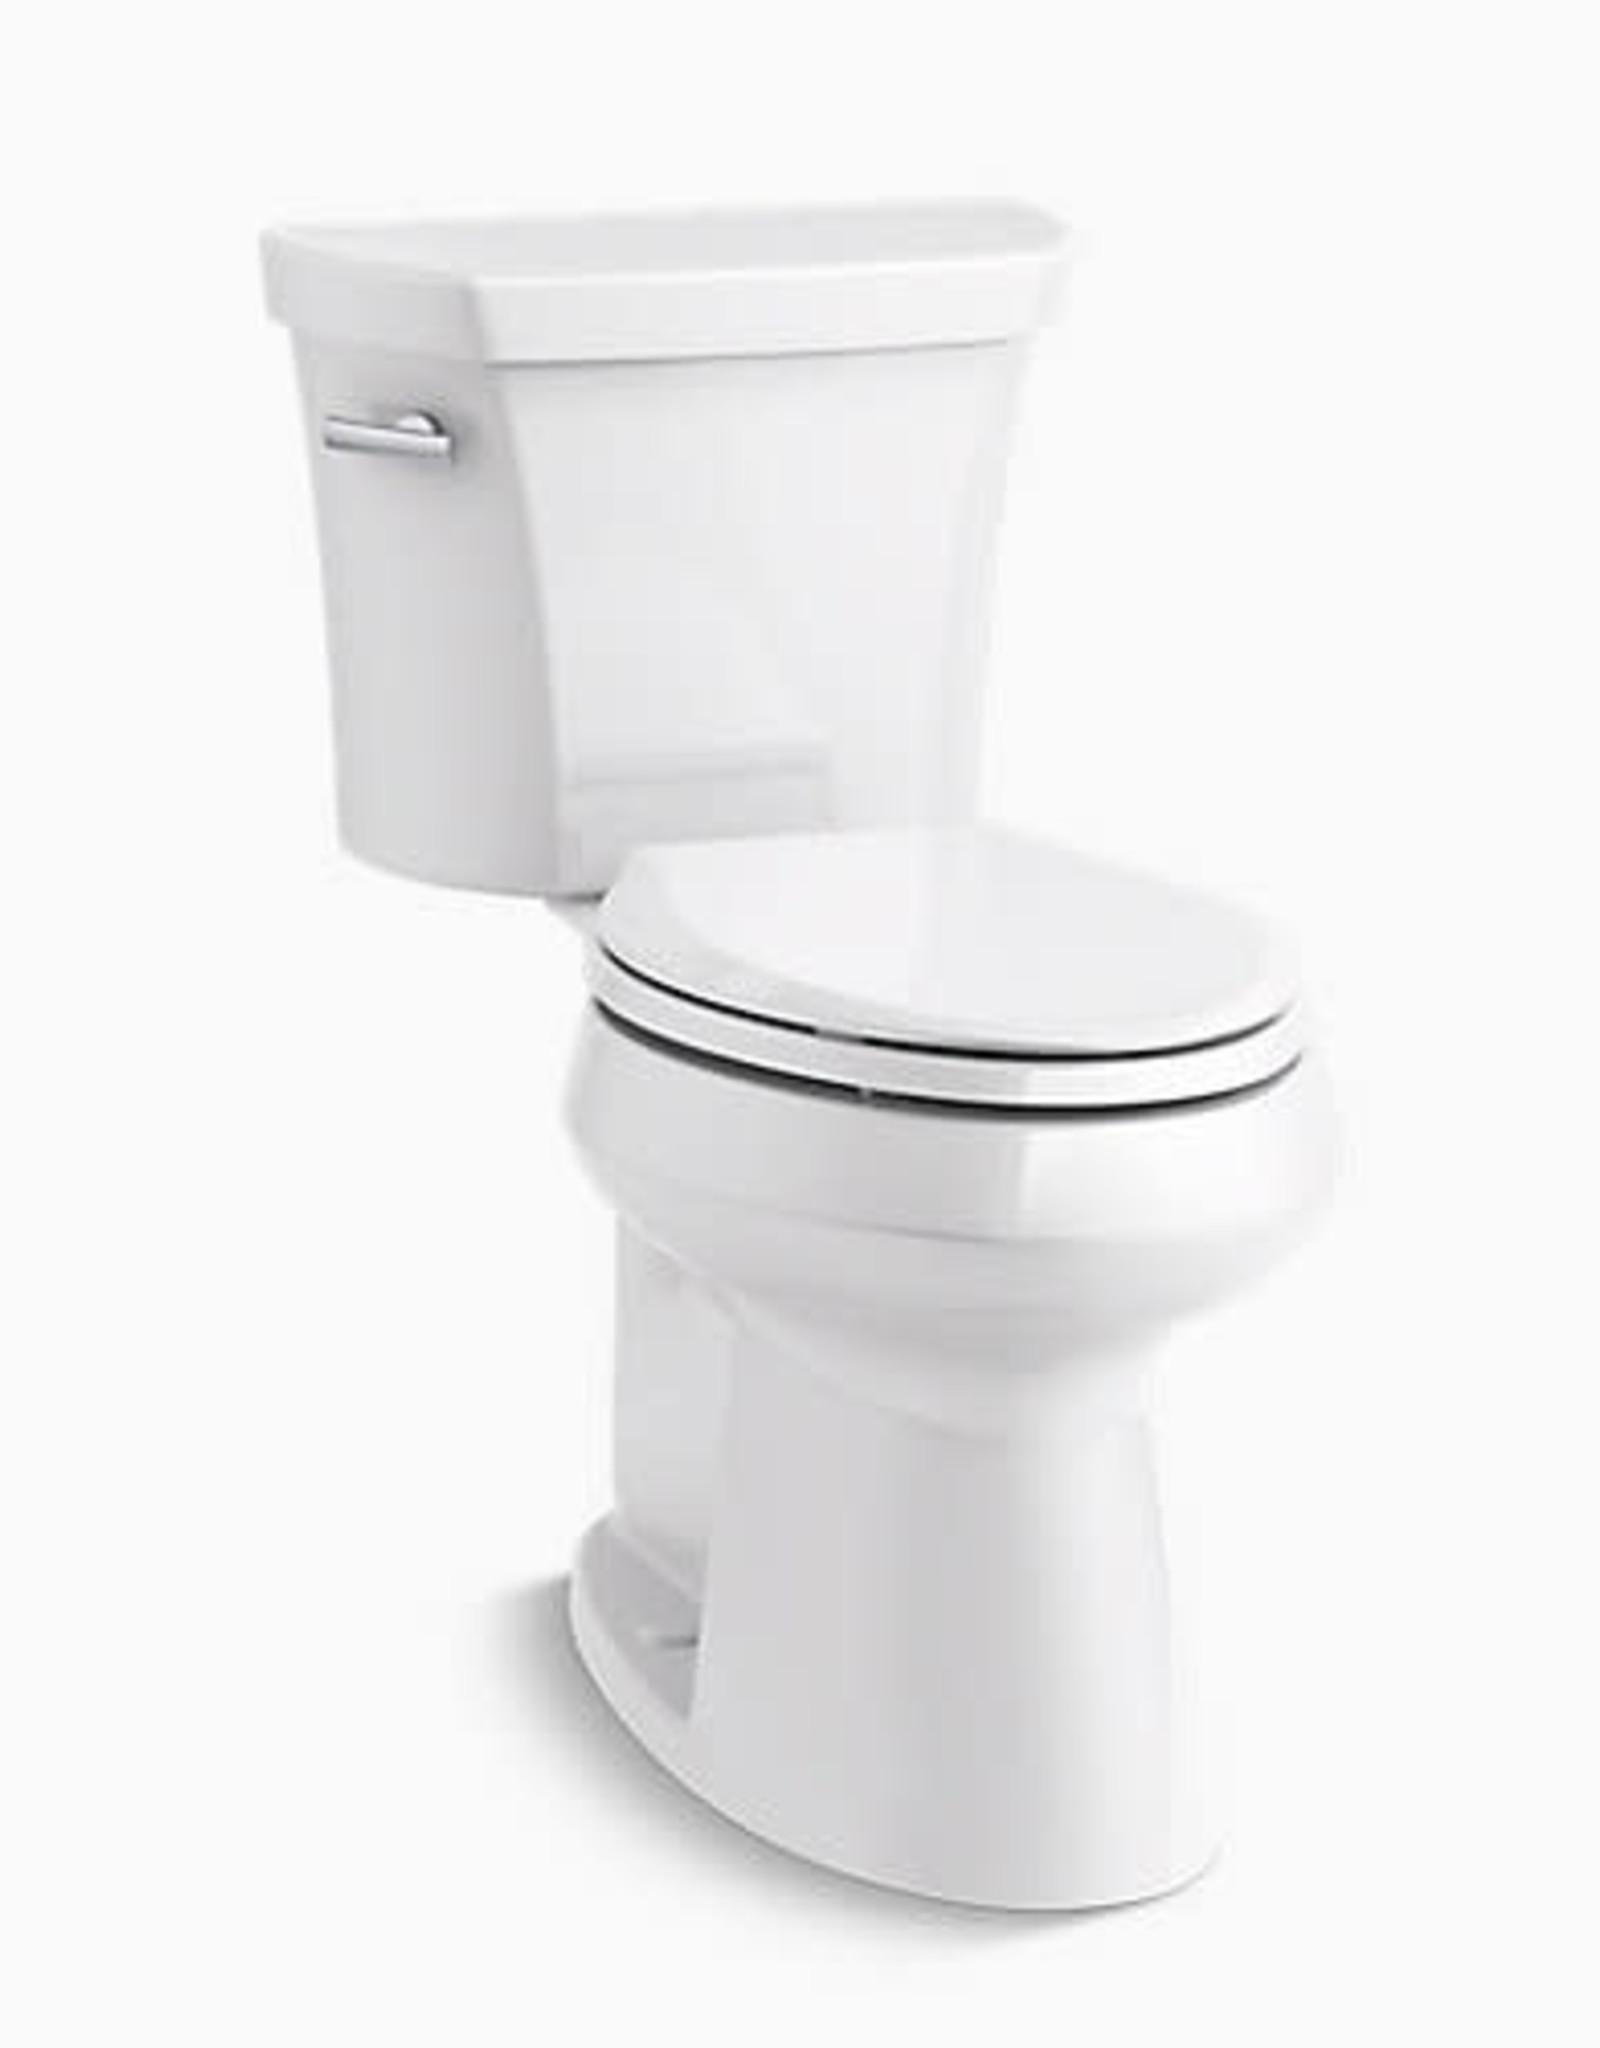 Kohler Kohler Highline Concealed Trap White High Elongated Toilet